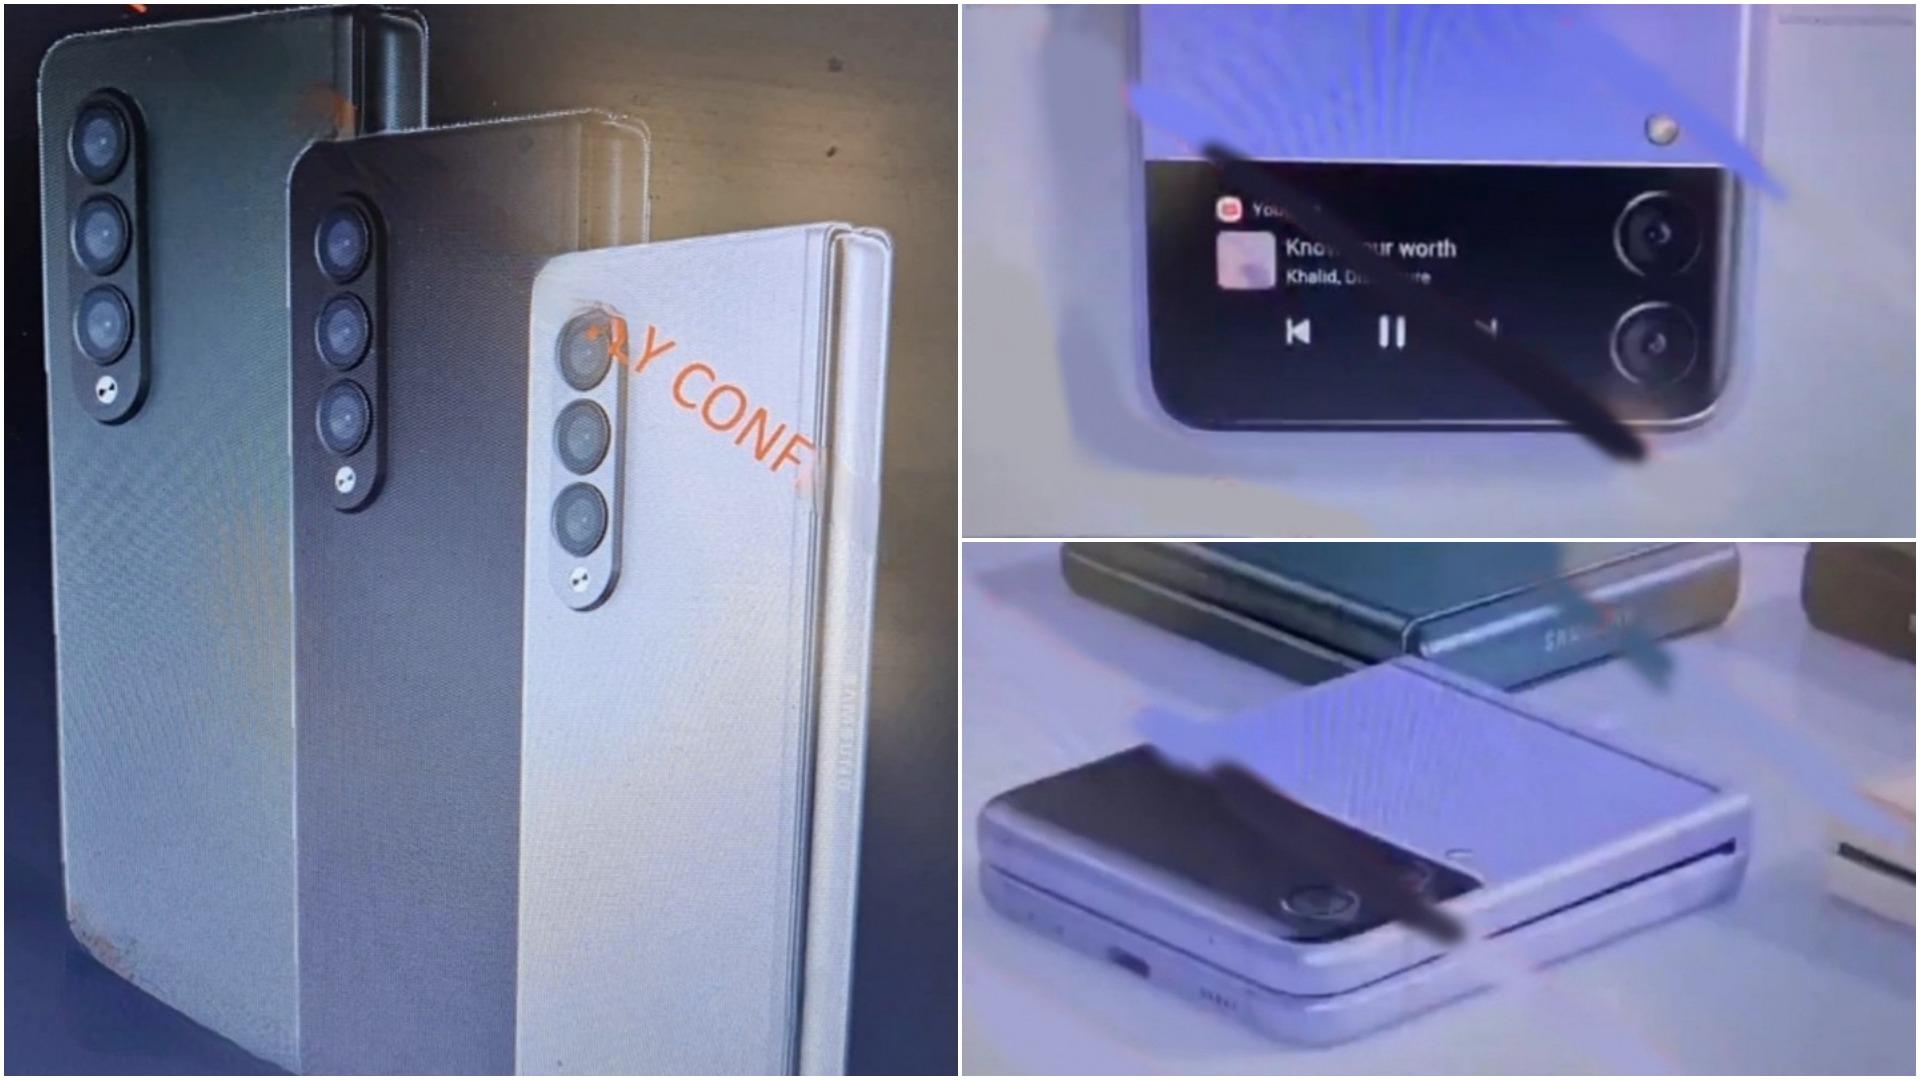 Lộ diện ảnh quảng cáo của bộ đôi Galaxy Z Fold 3 và Z Flip 3